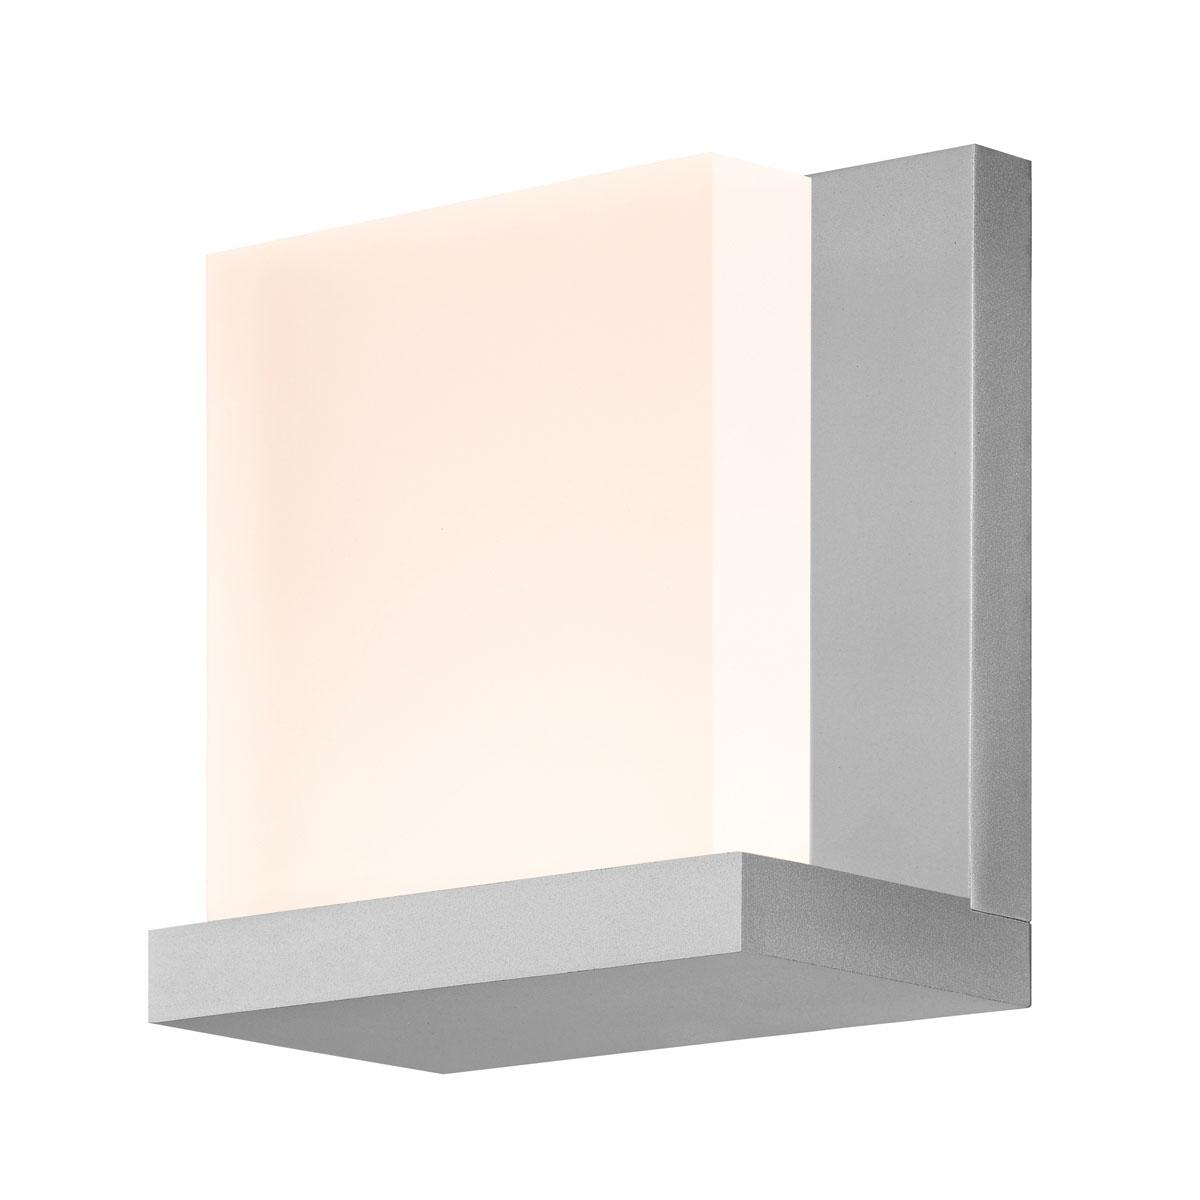 Glow2 LED Sconce